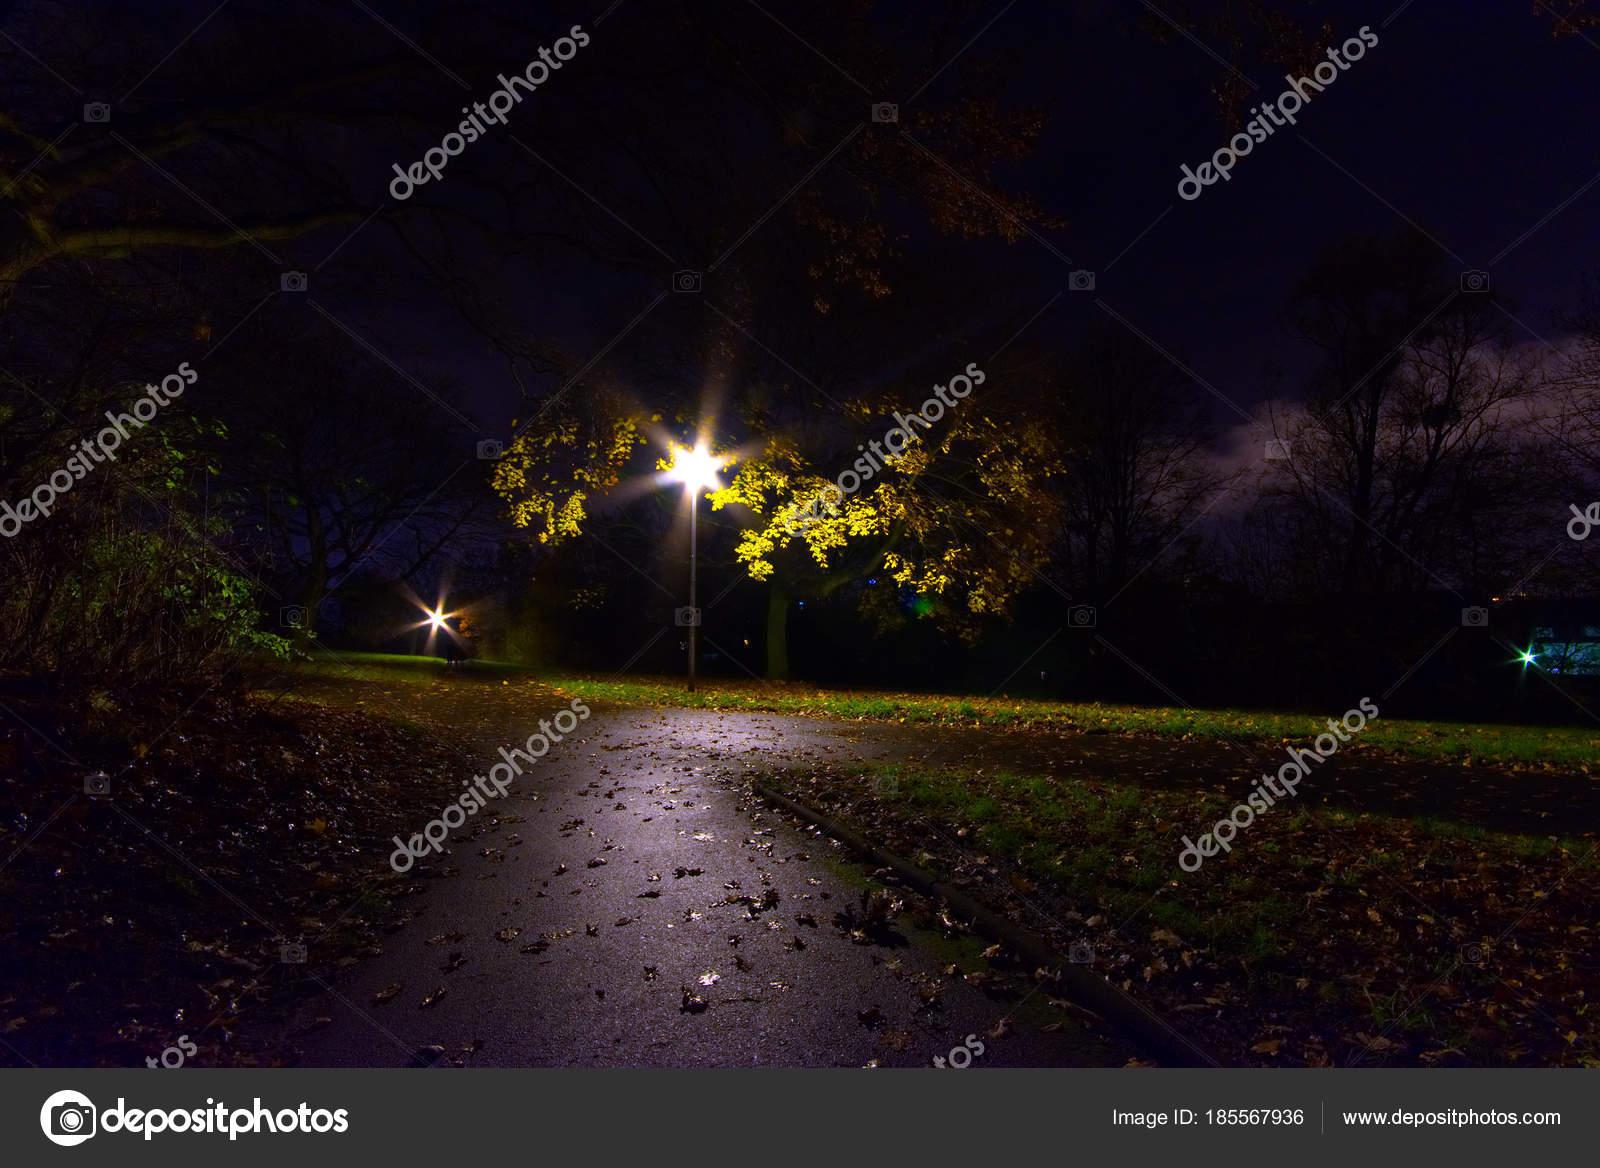 Fondos Pantalla Camino Parque Noche Por Luz Fondo Foto De